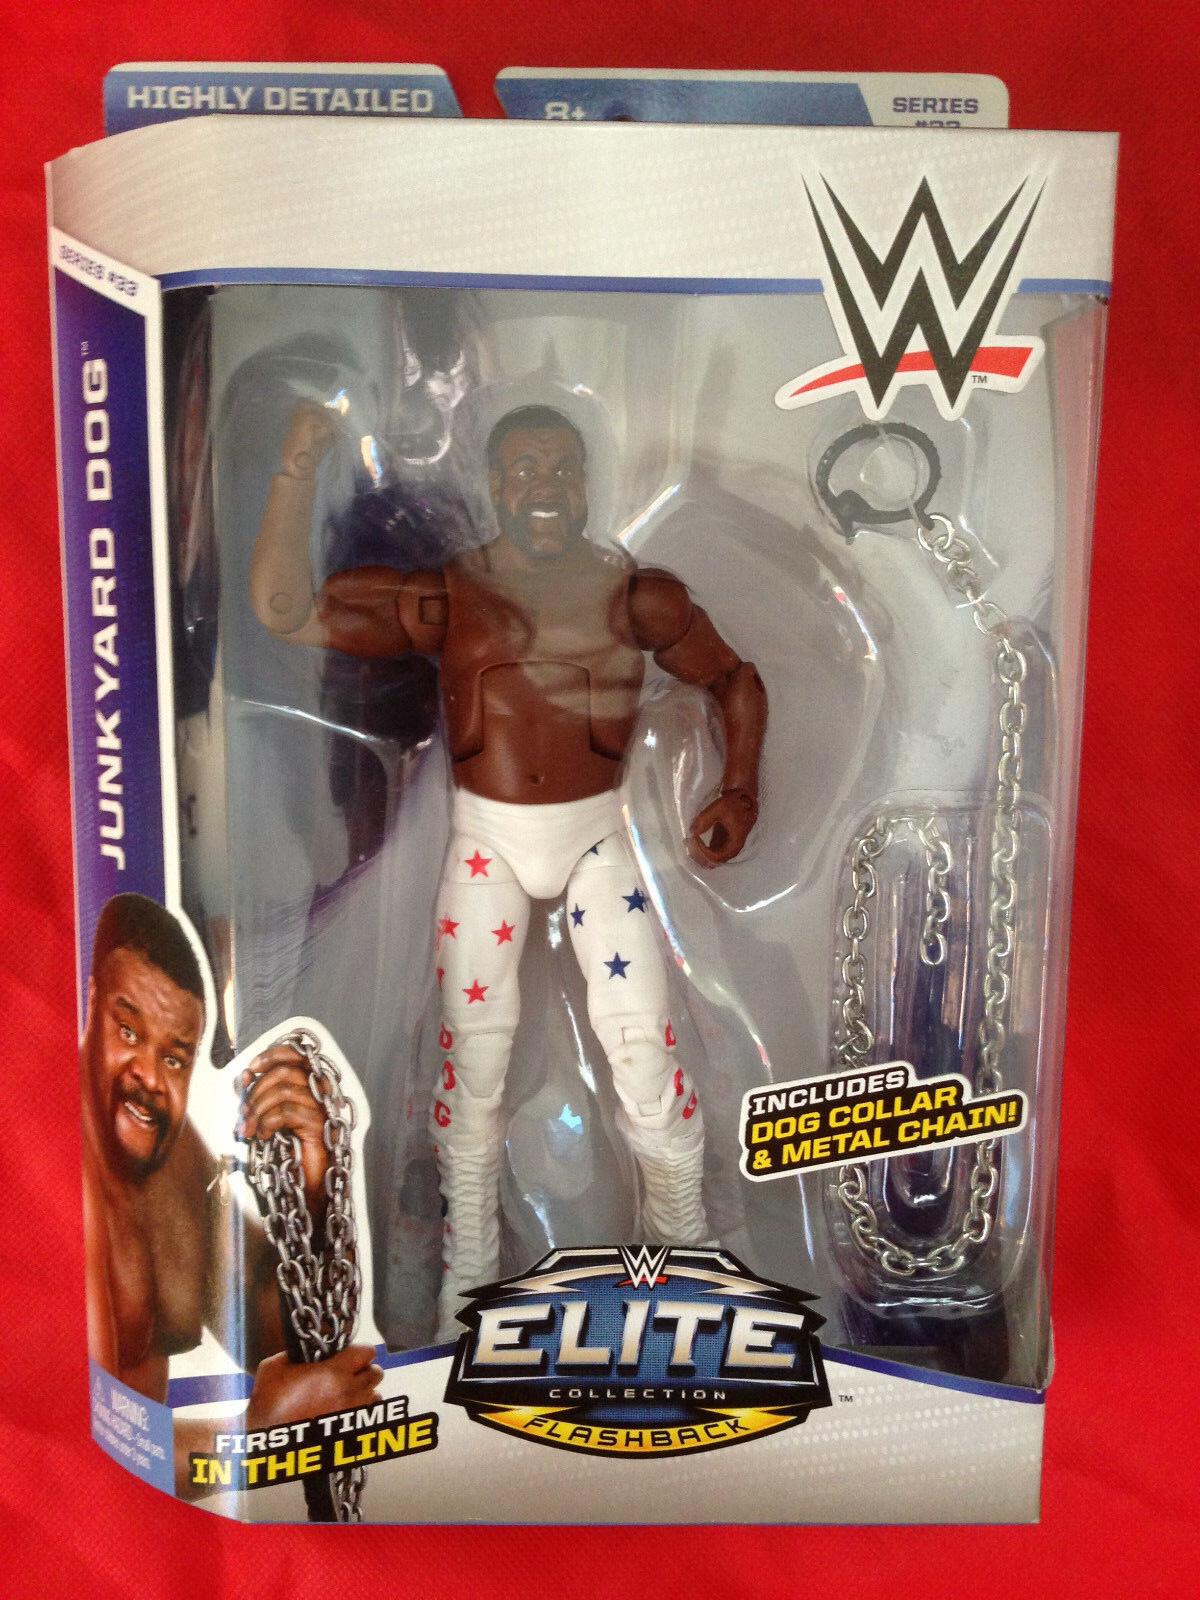 WWE Elite JOHN CENA + JUNKYARD JUNKYARD JUNKYARD DOG Elite figures LOT Mattel Sealed 4b217e